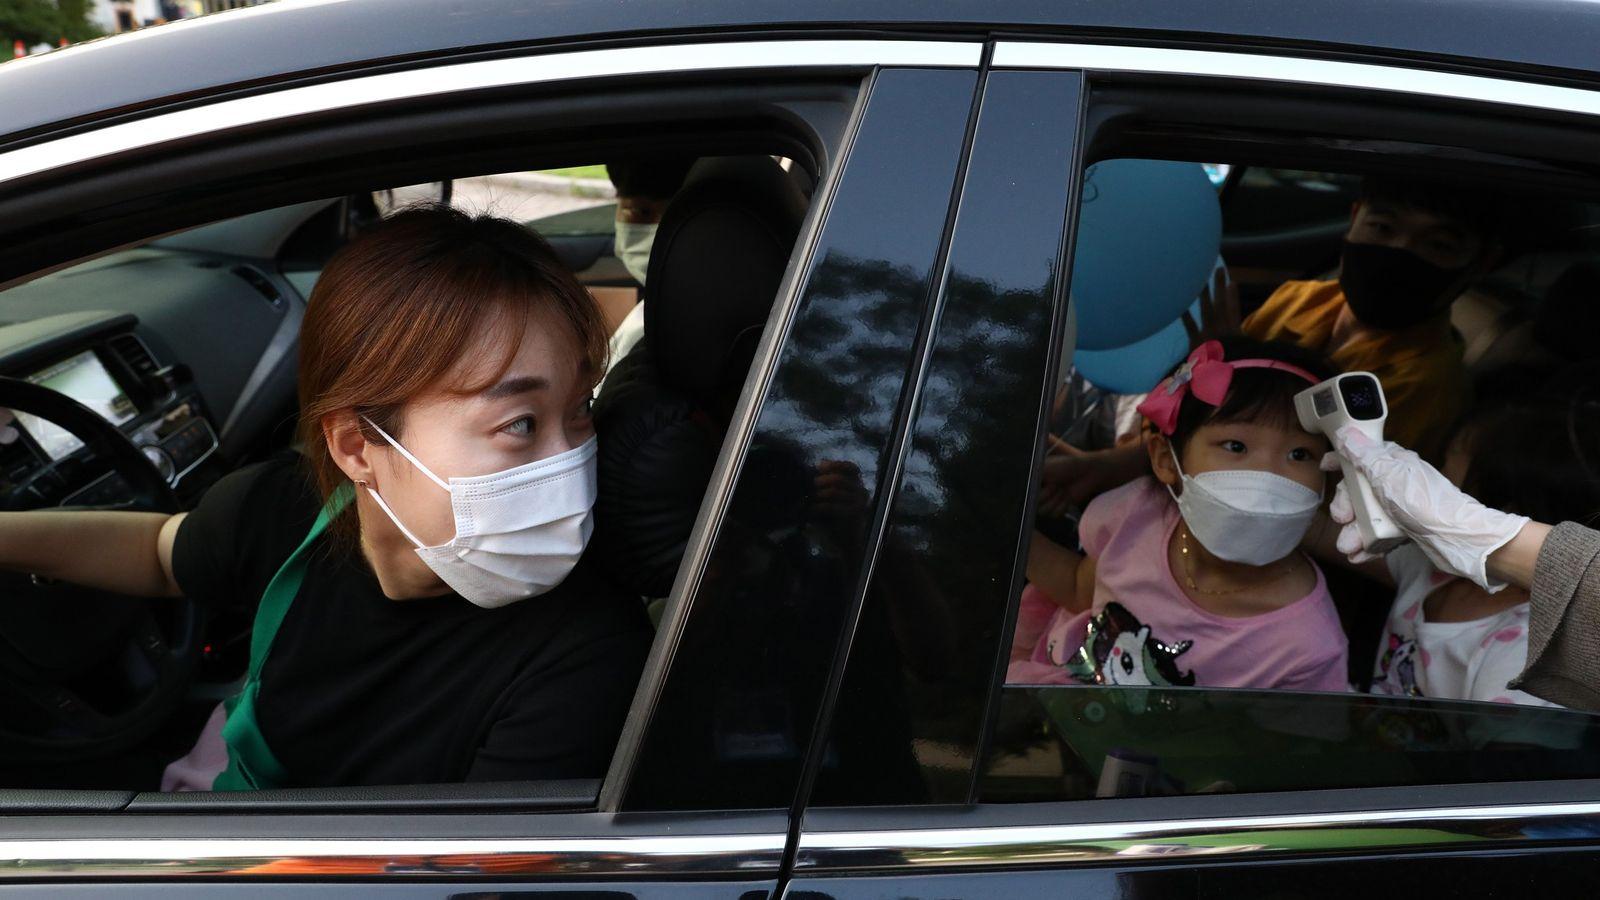 Prise de température au drive d'une clinique sud-coréenne pour cette jeune fille sous les yeux attentifs ...